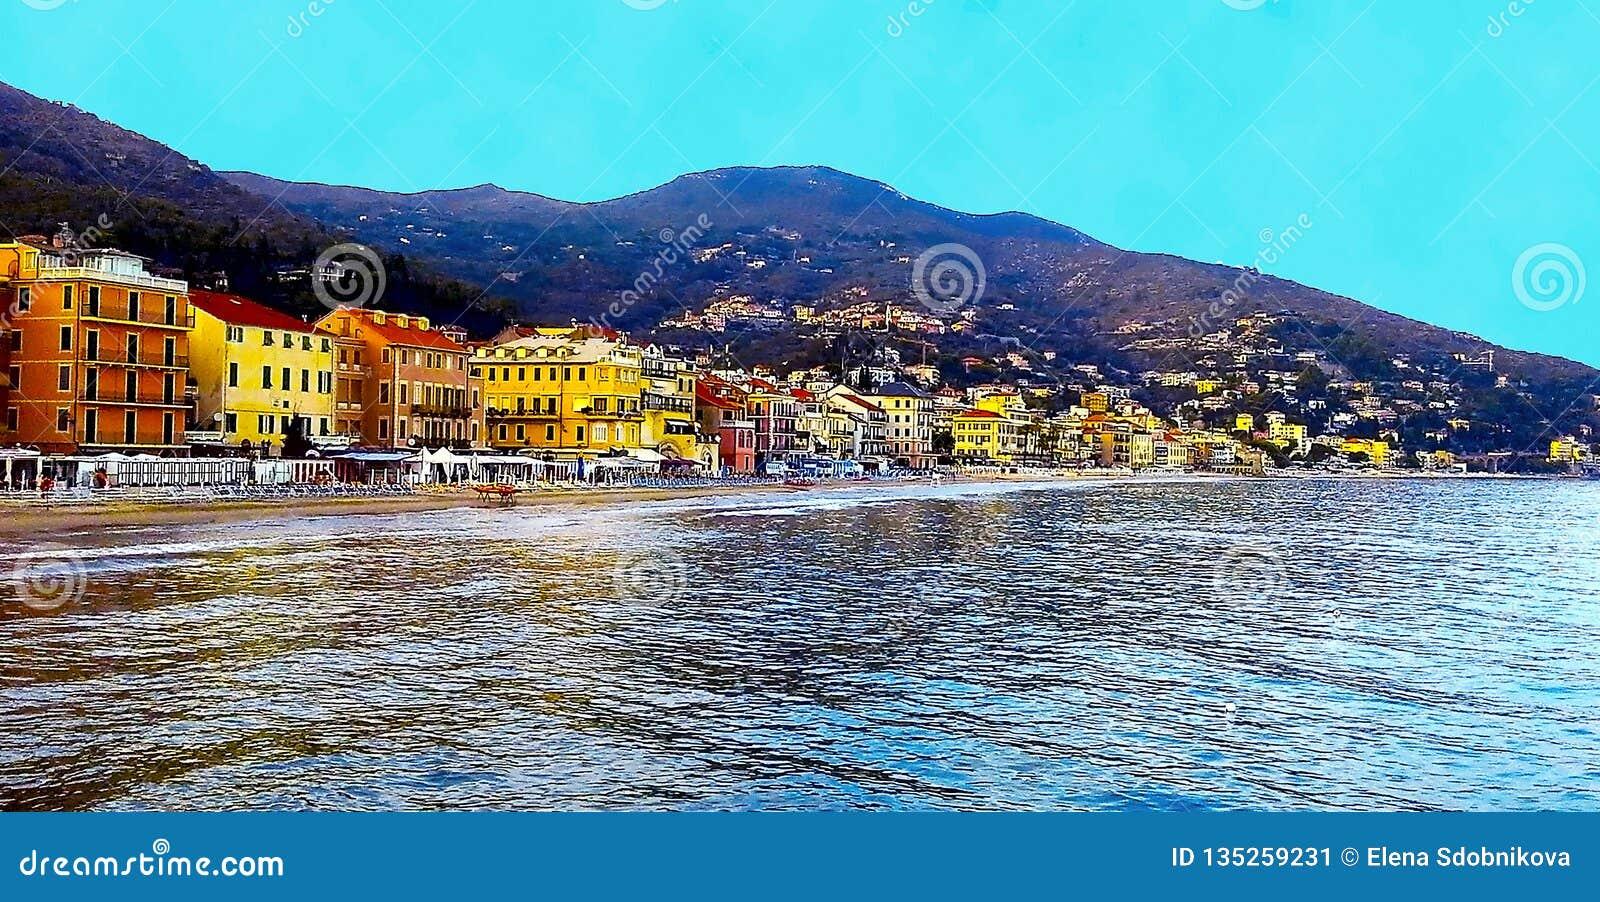 Belle vue de la mer et de la ville d Alassio avec les bâtiments colorés, Ligurie, Italien la Riviera, Cote d Azur, Italie